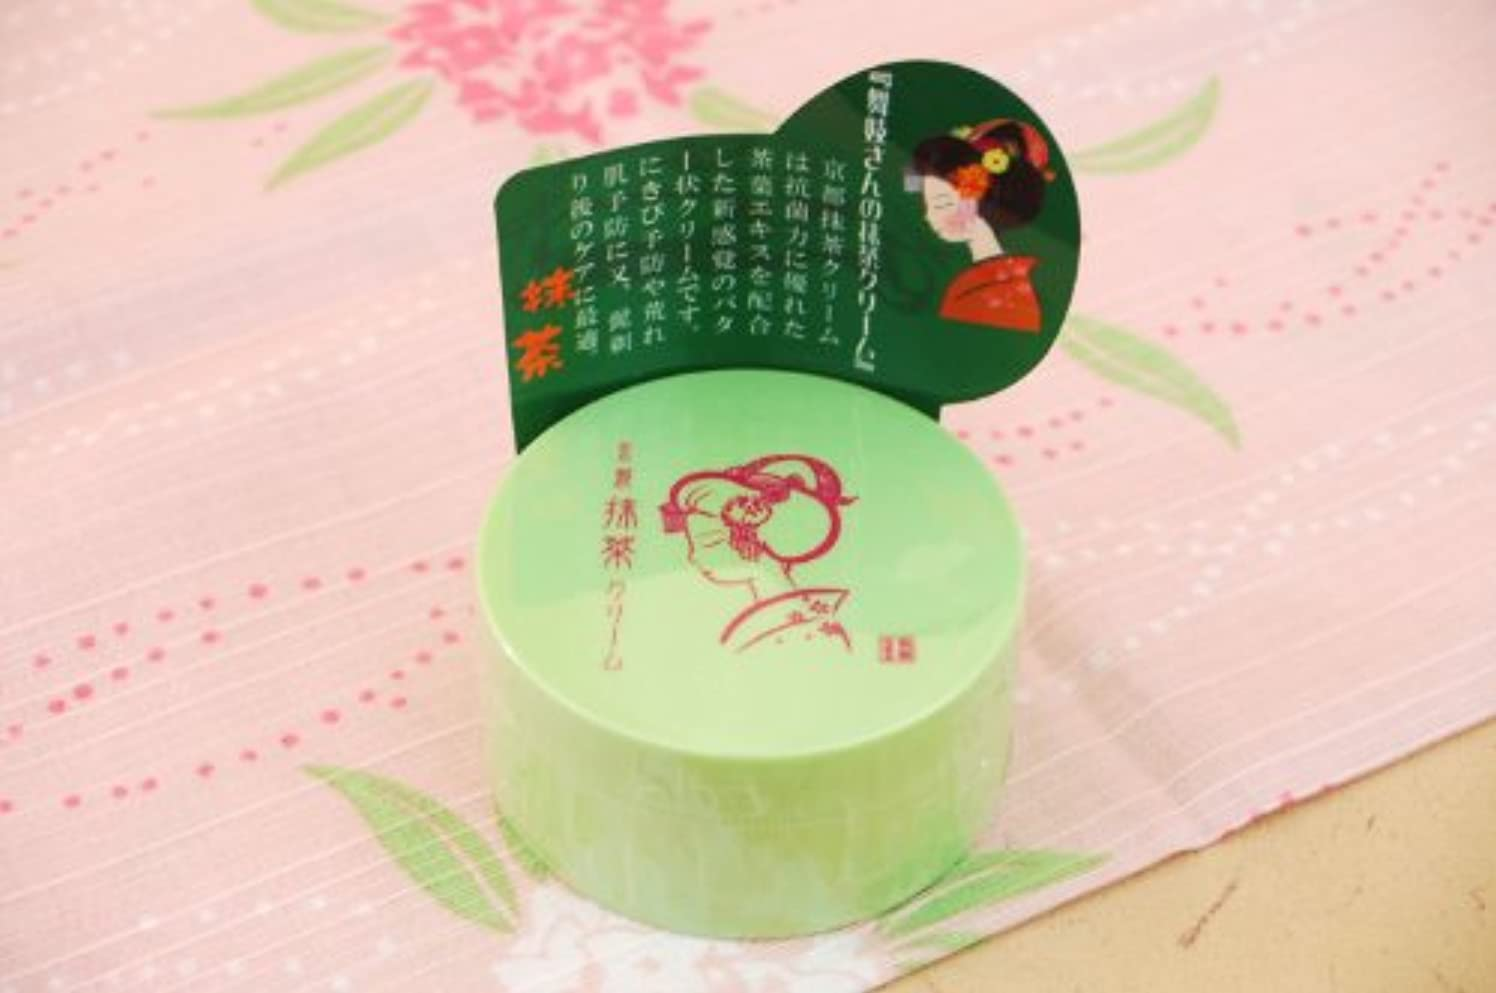 京都舞妓 抹茶しっとりクリーム/携帯用